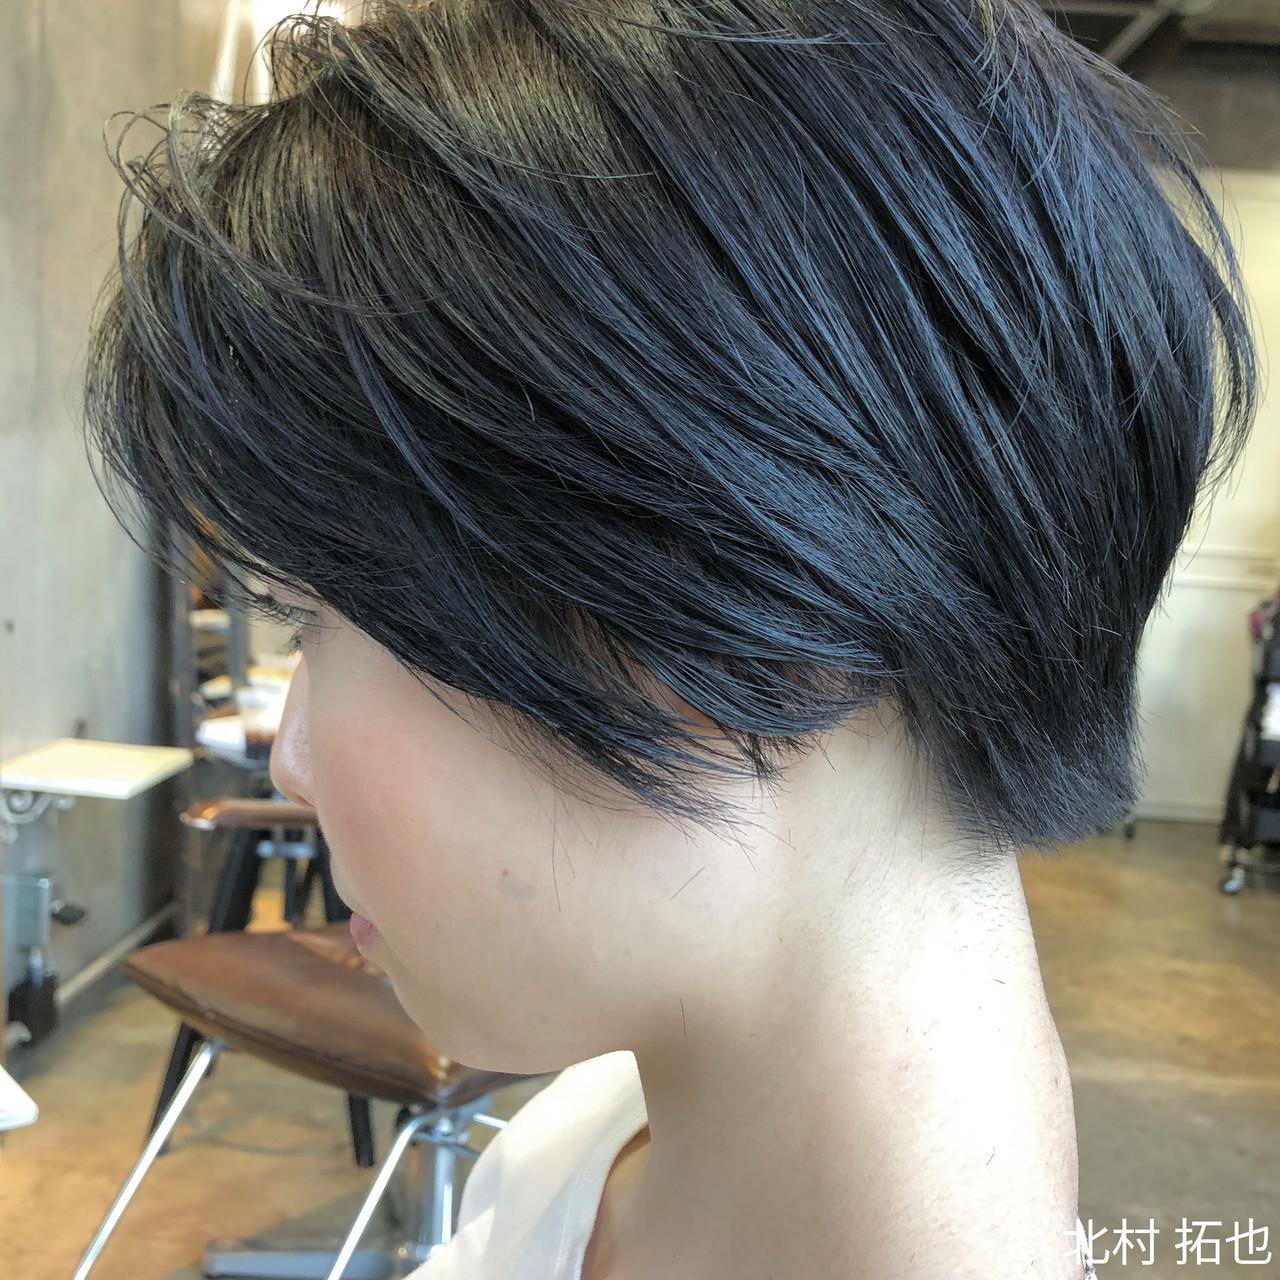 透明感カラー グレージュ ブルージュ ショート ヘアスタイルや髪型の写真・画像